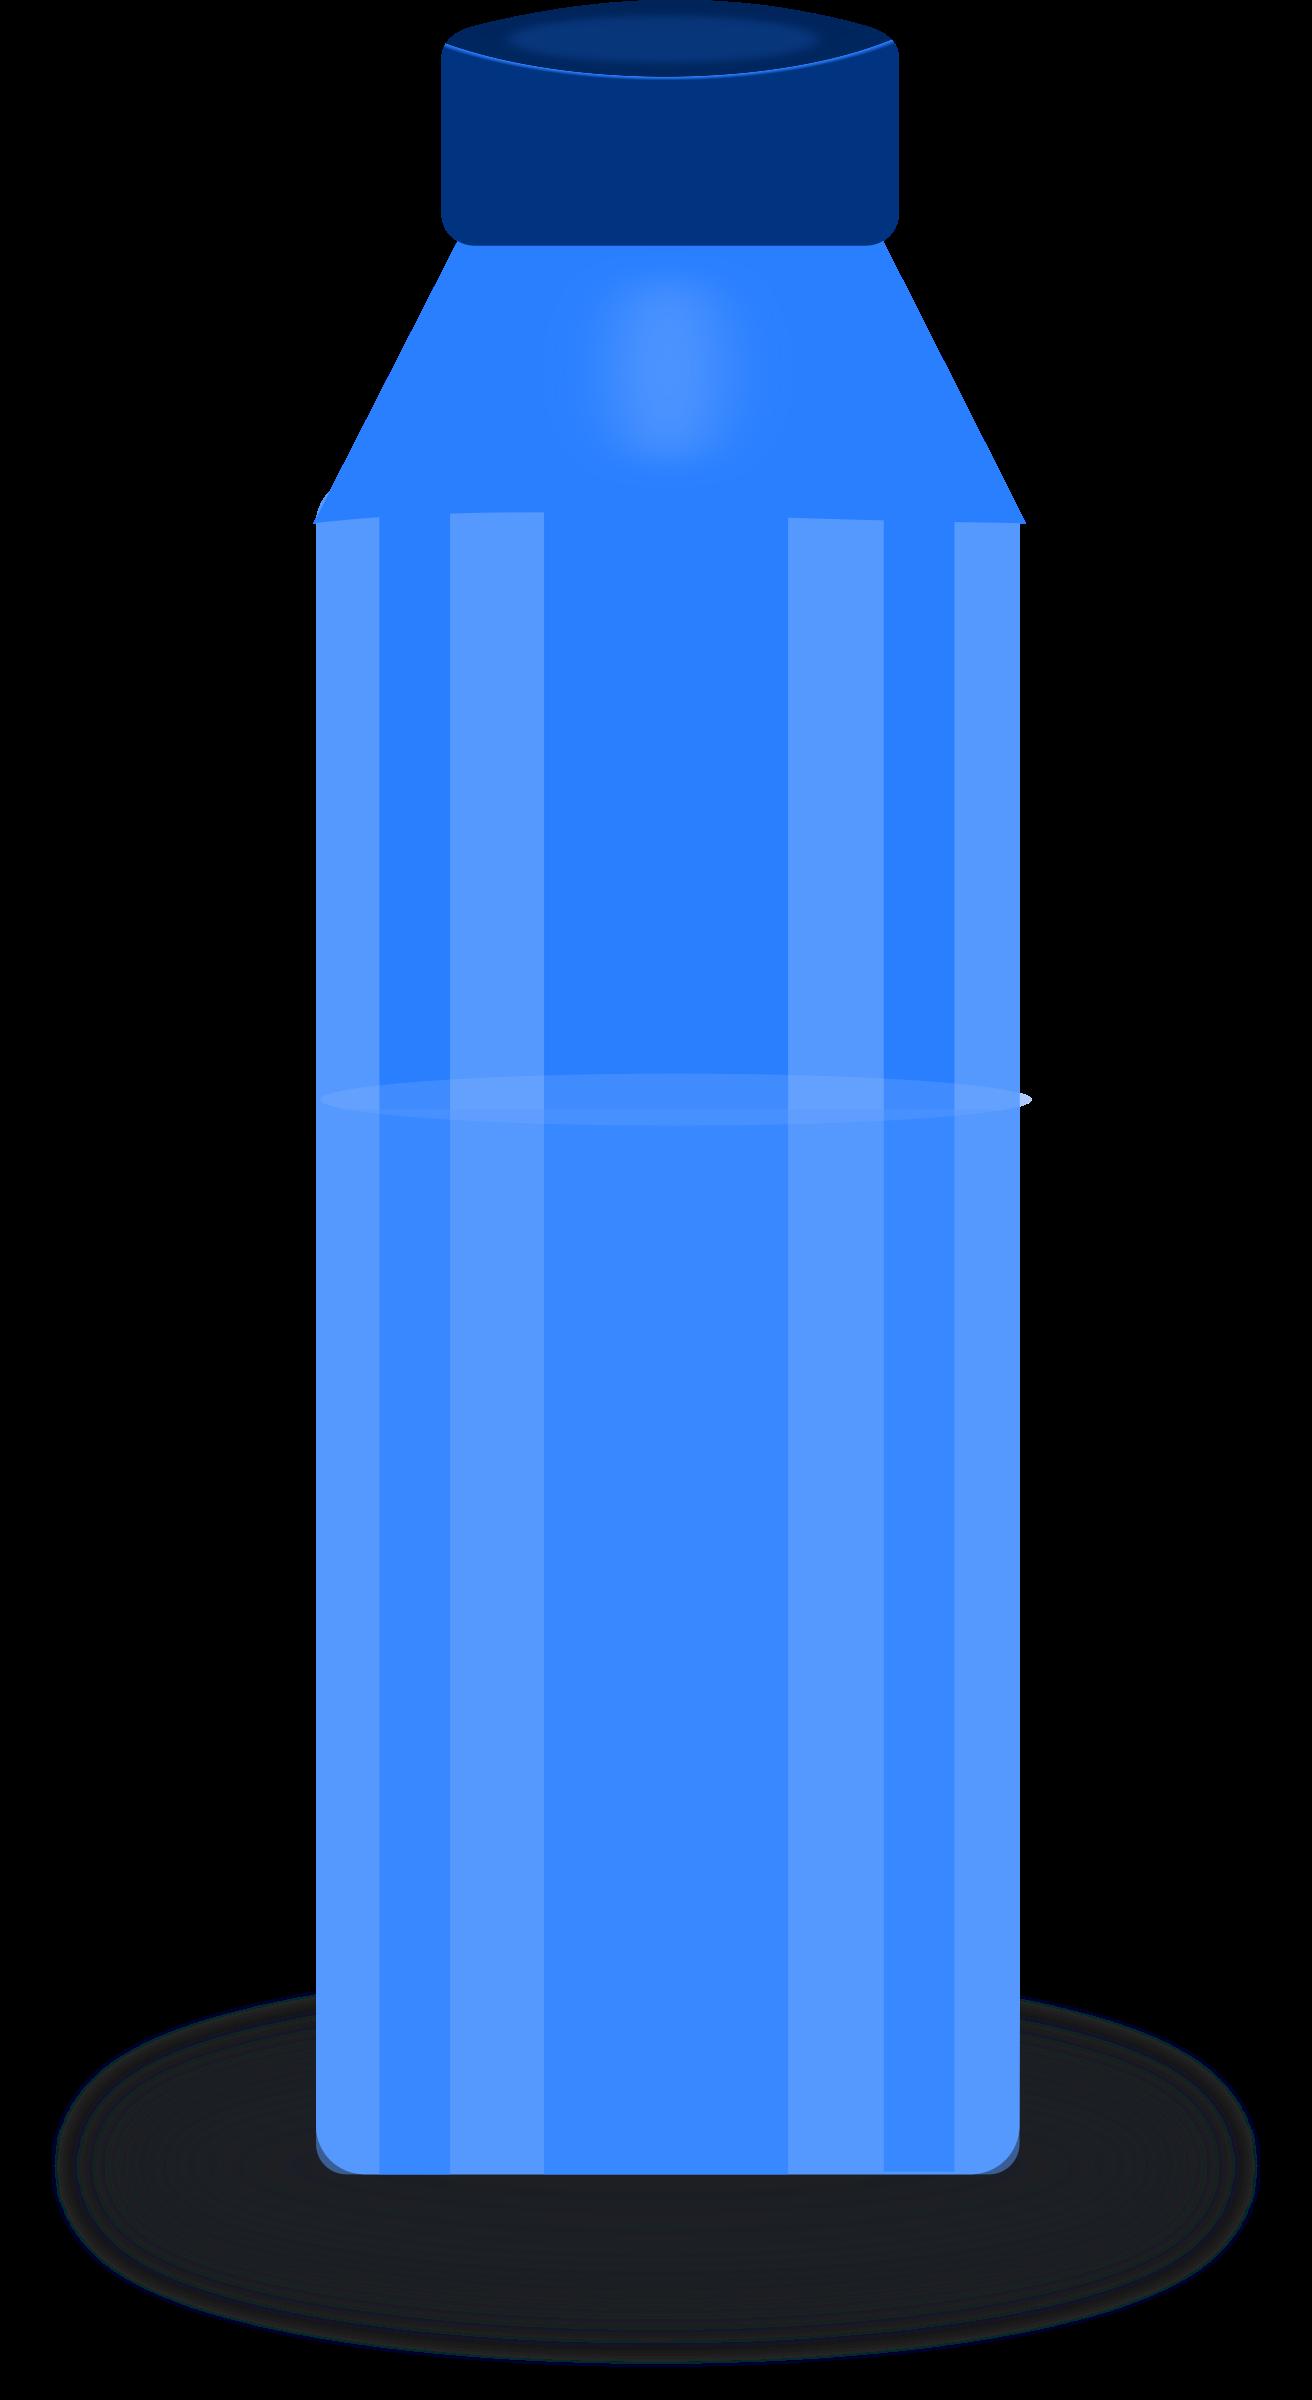 Water Bottle-Water Bottle-11